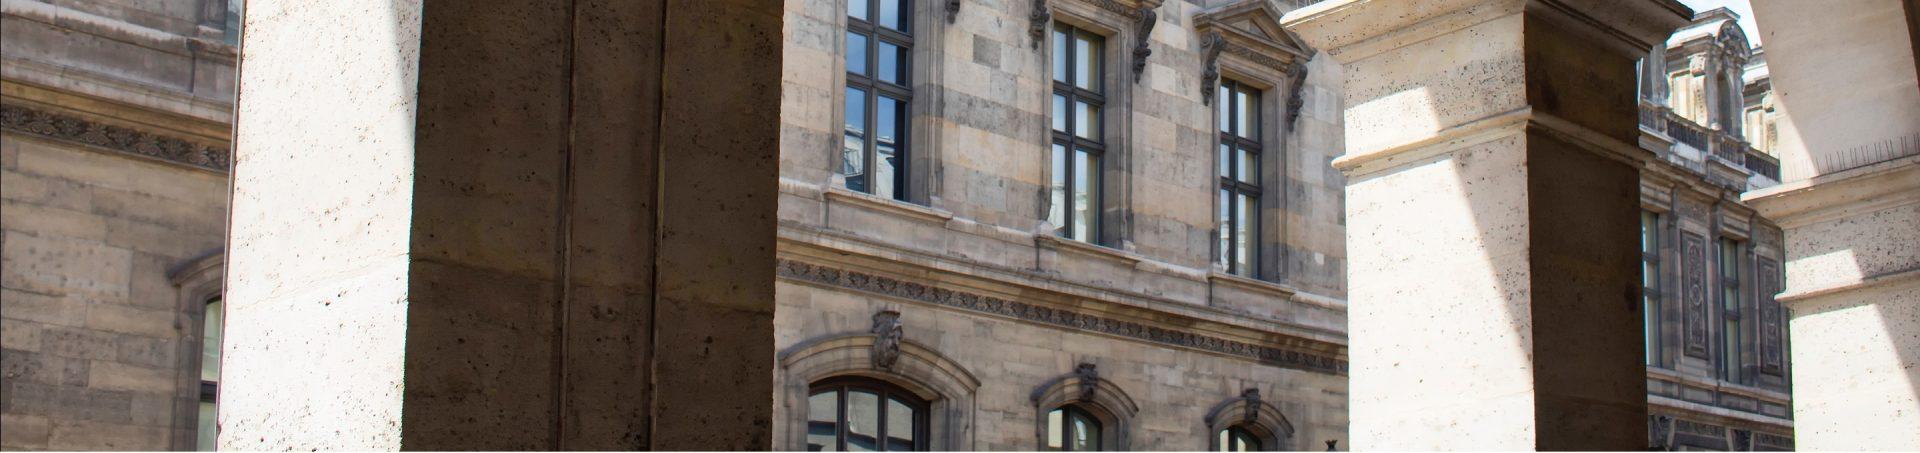 Facade d'un immeuble